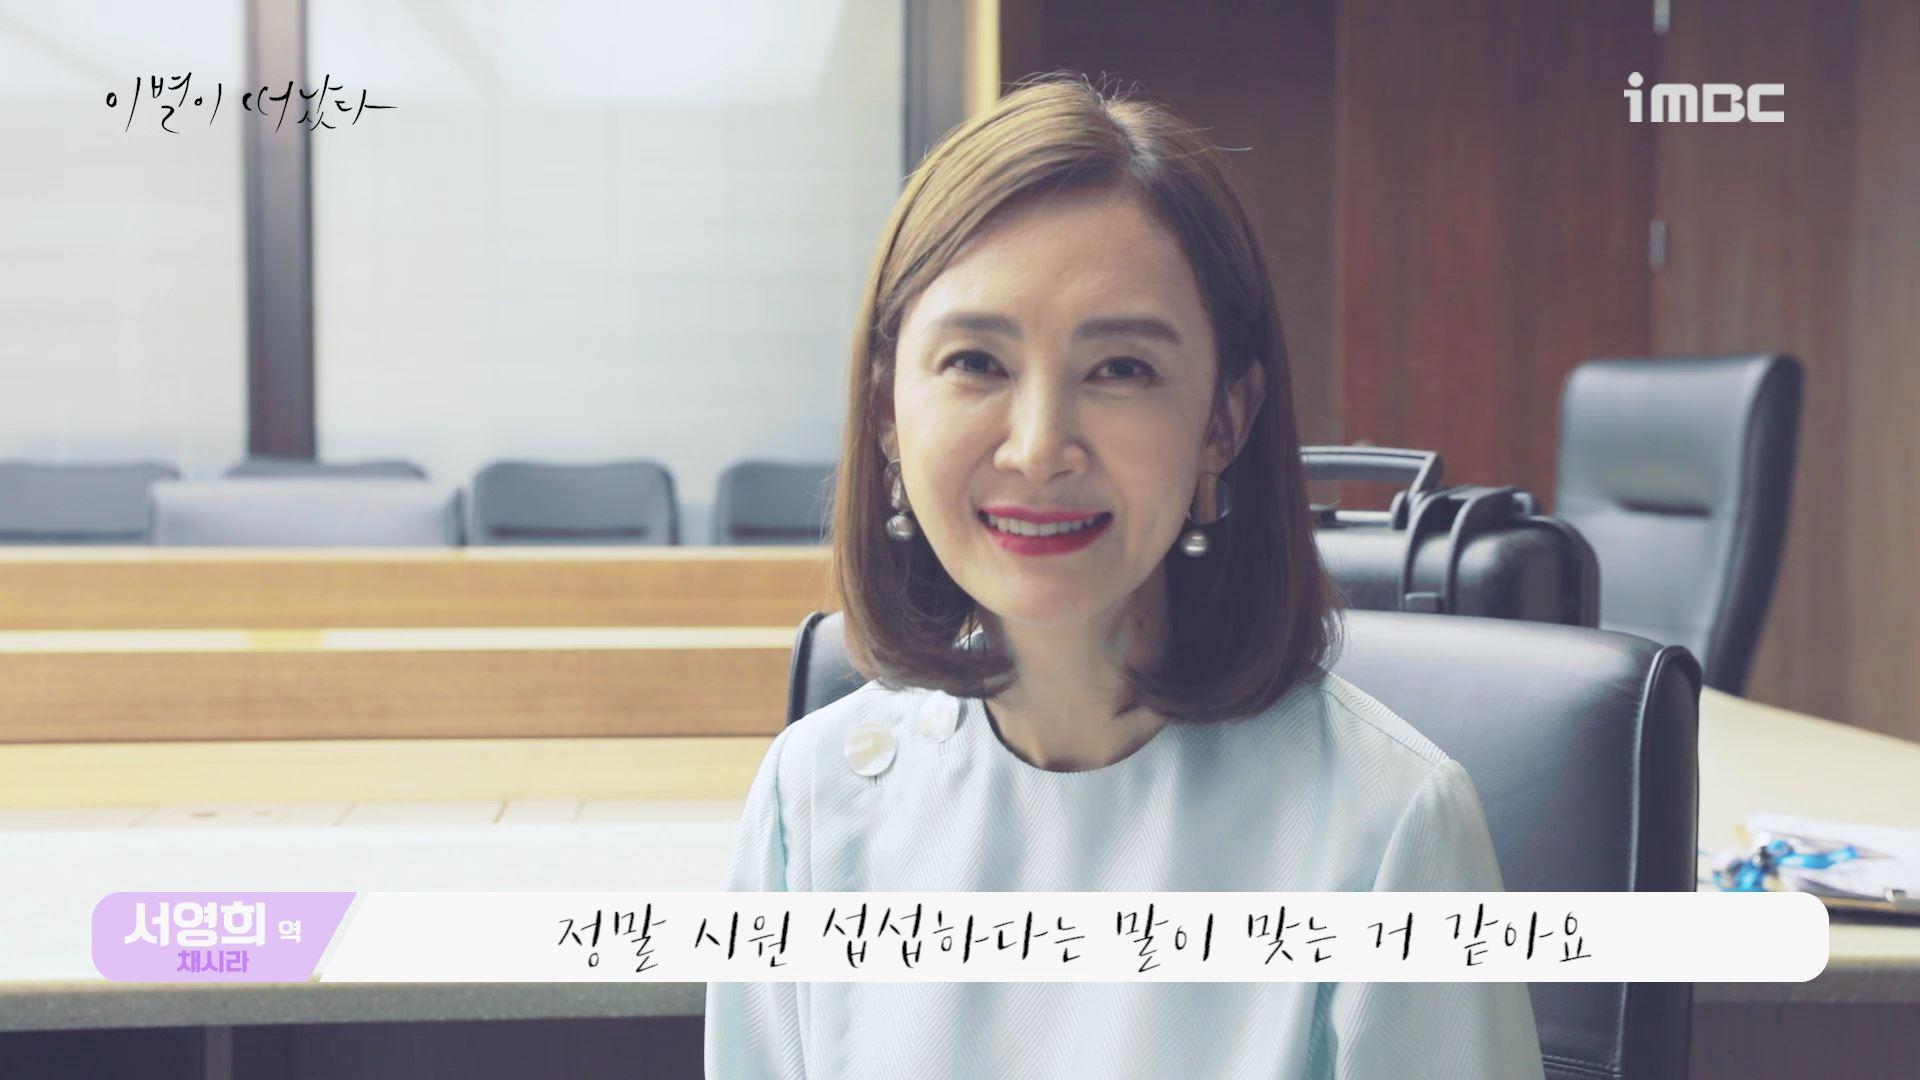 """[끝터뷰] '이별이 떠났다' 채시라, """"많은 칭찬과 응원에 힘든지 모르고 촬영했다"""""""